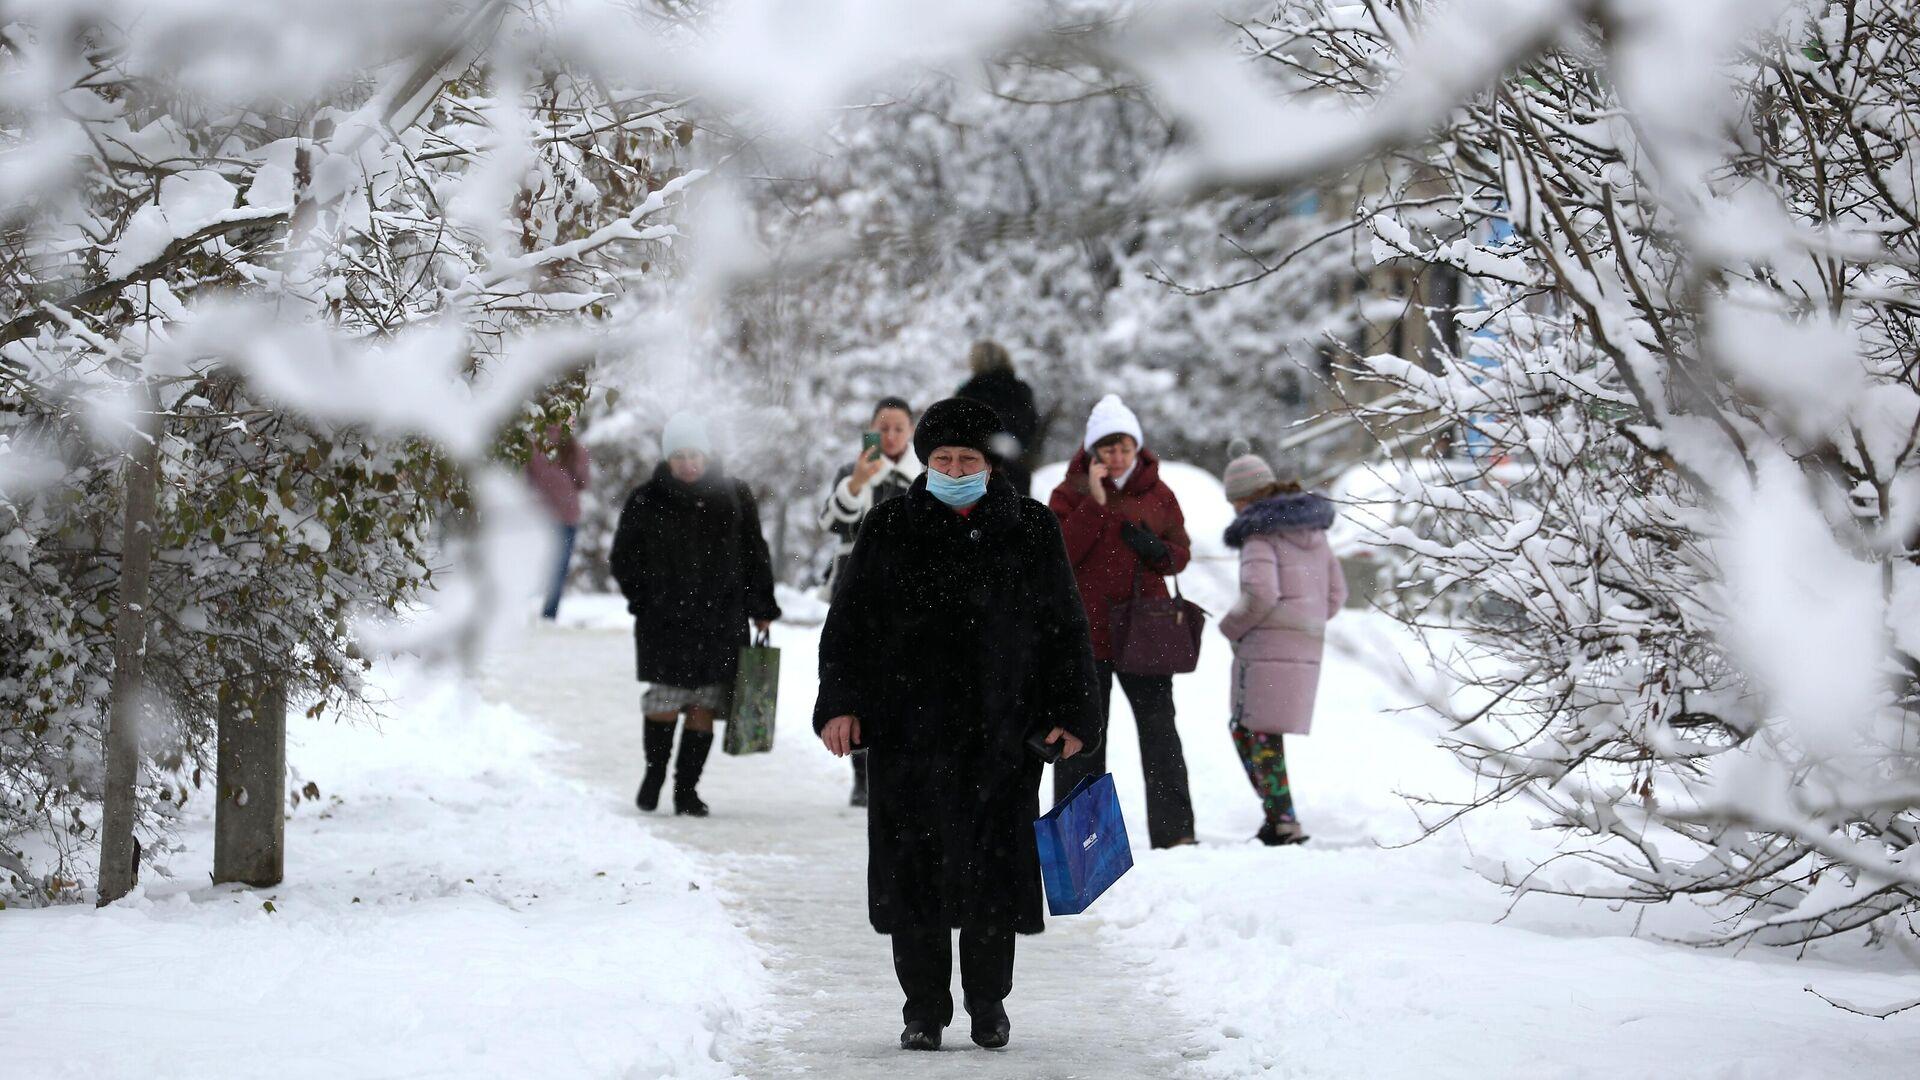 Прохожие на одной из улиц в Краснодаре после снегопада - РИА Новости, 1920, 25.12.2020